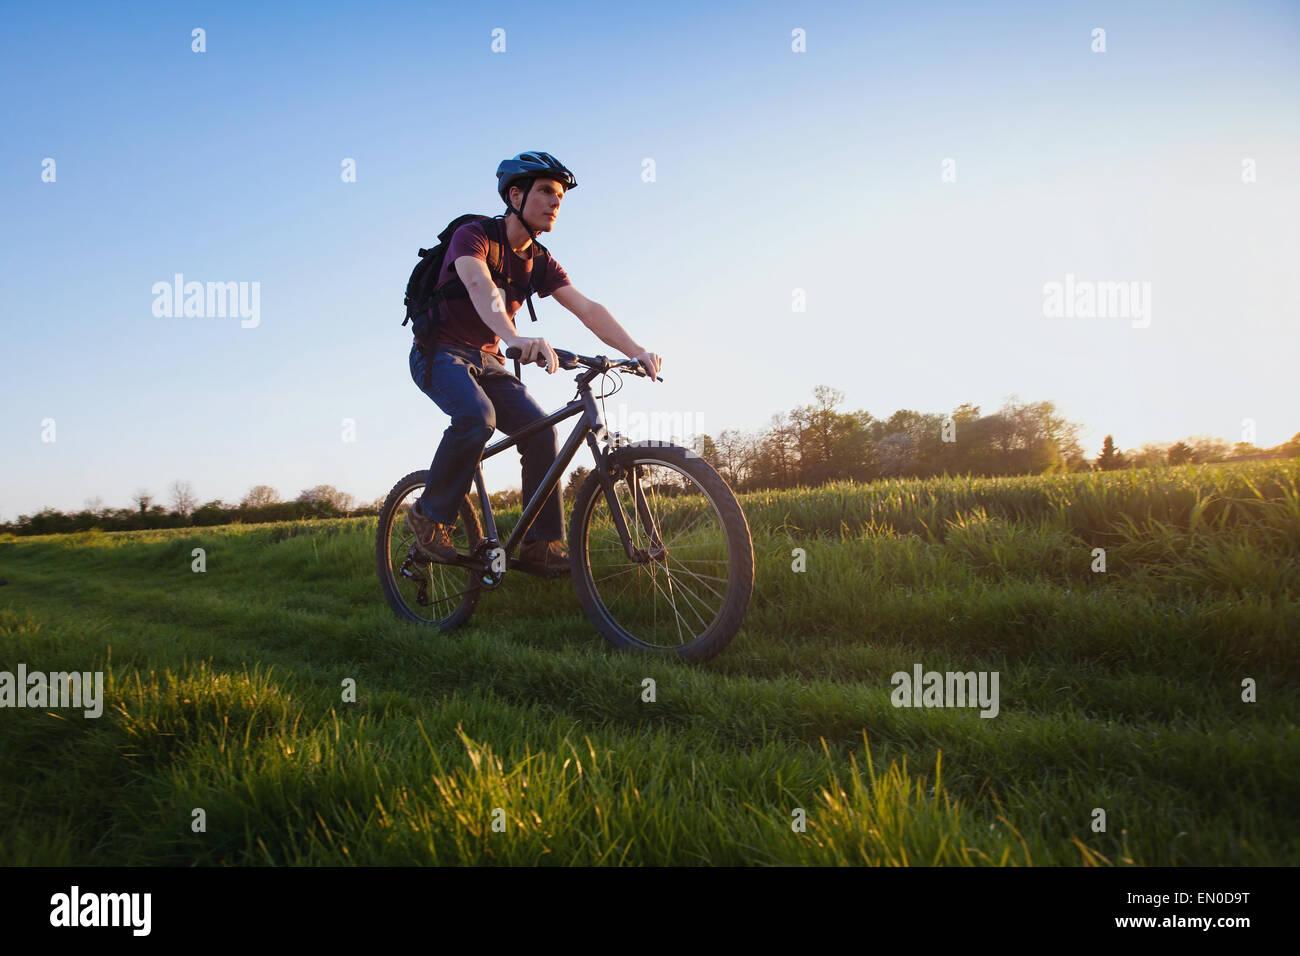 Deporte al aire libre, joven montando en bicicleta en la naturaleza Imagen De Stock